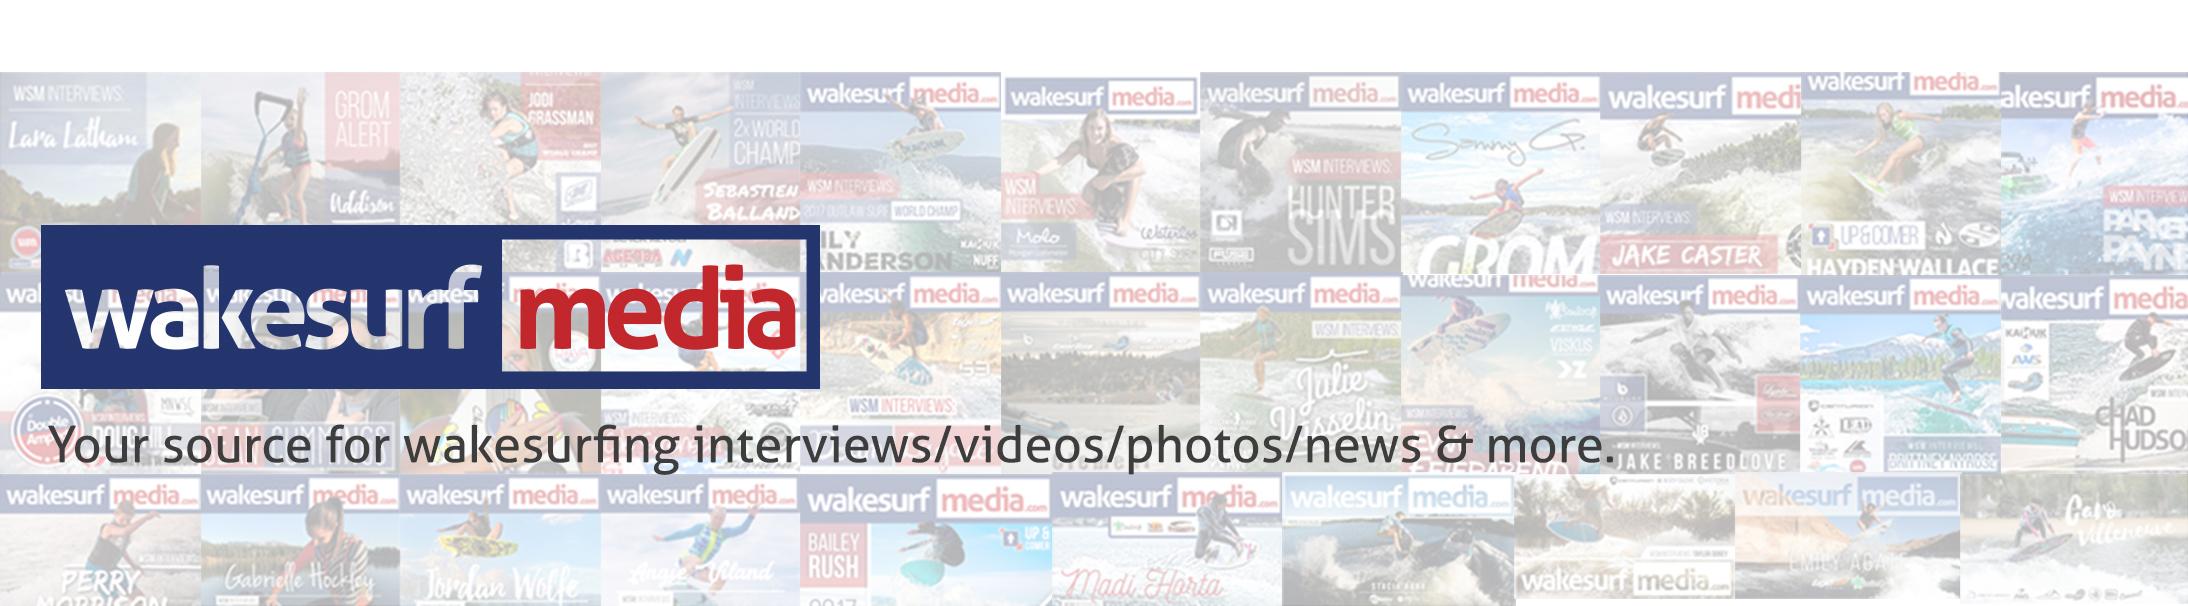 Wakesurf Media